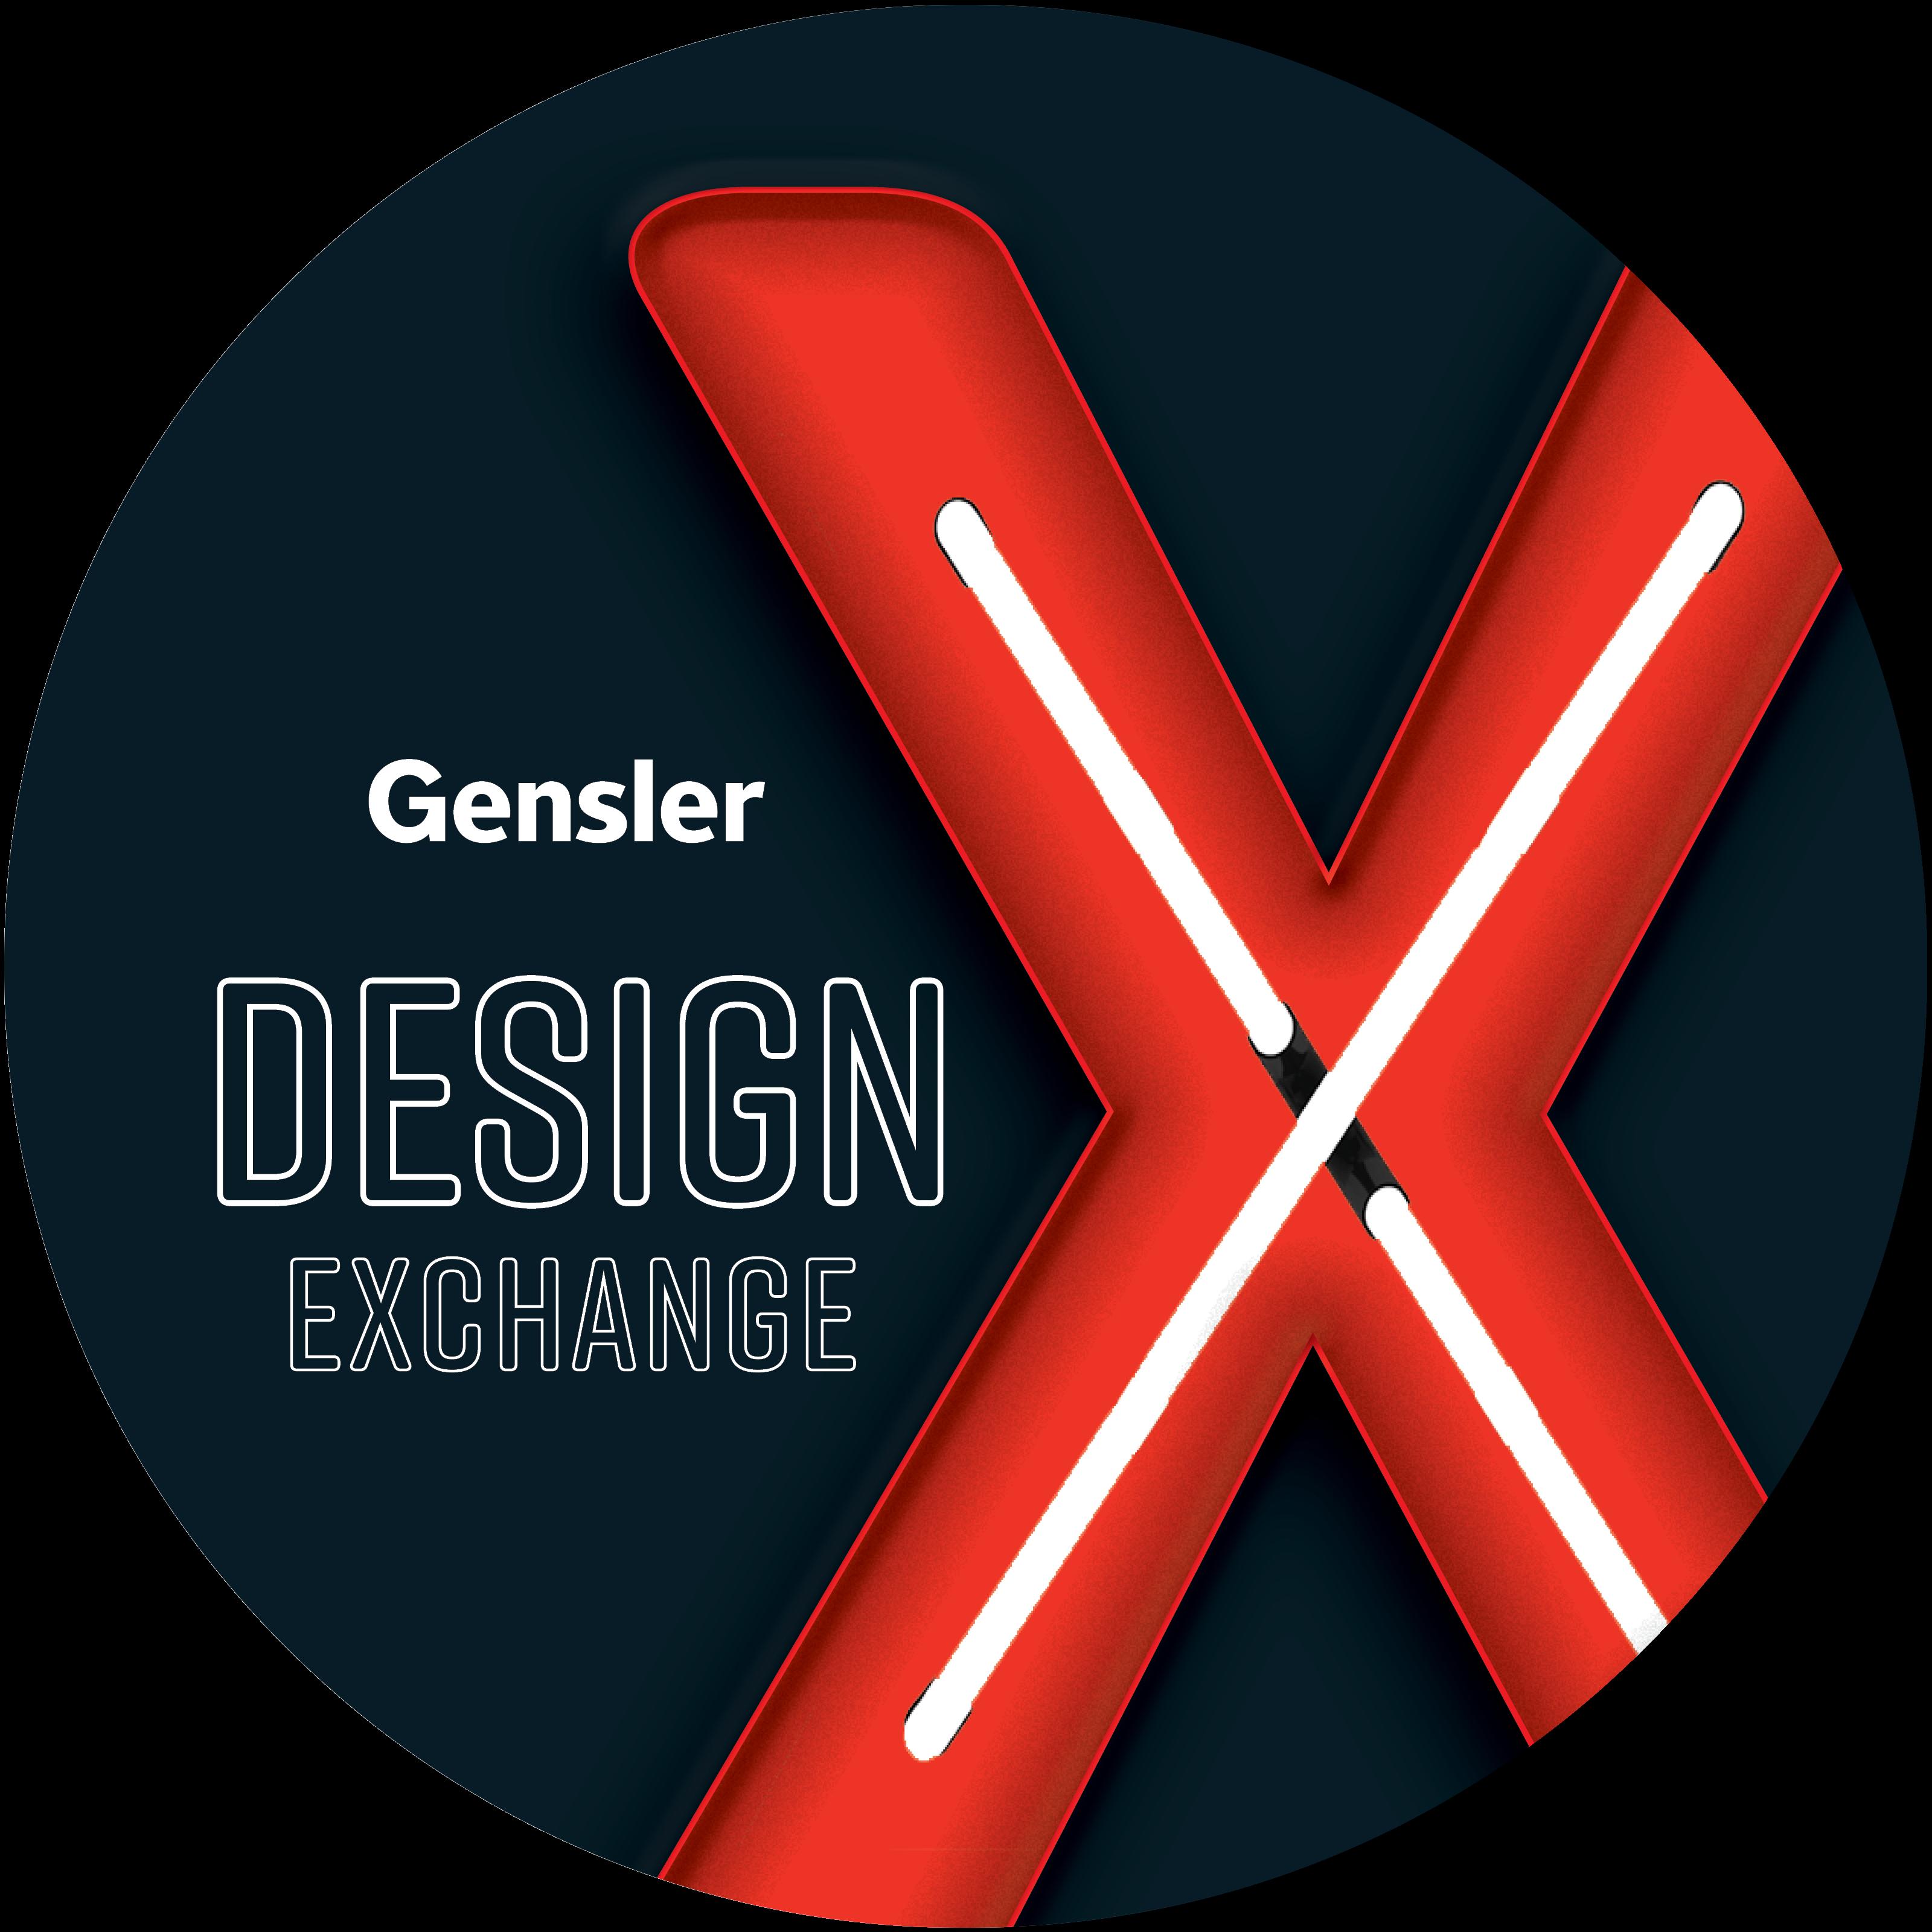 Introducing: The NEW Gensler Design Exchange!.